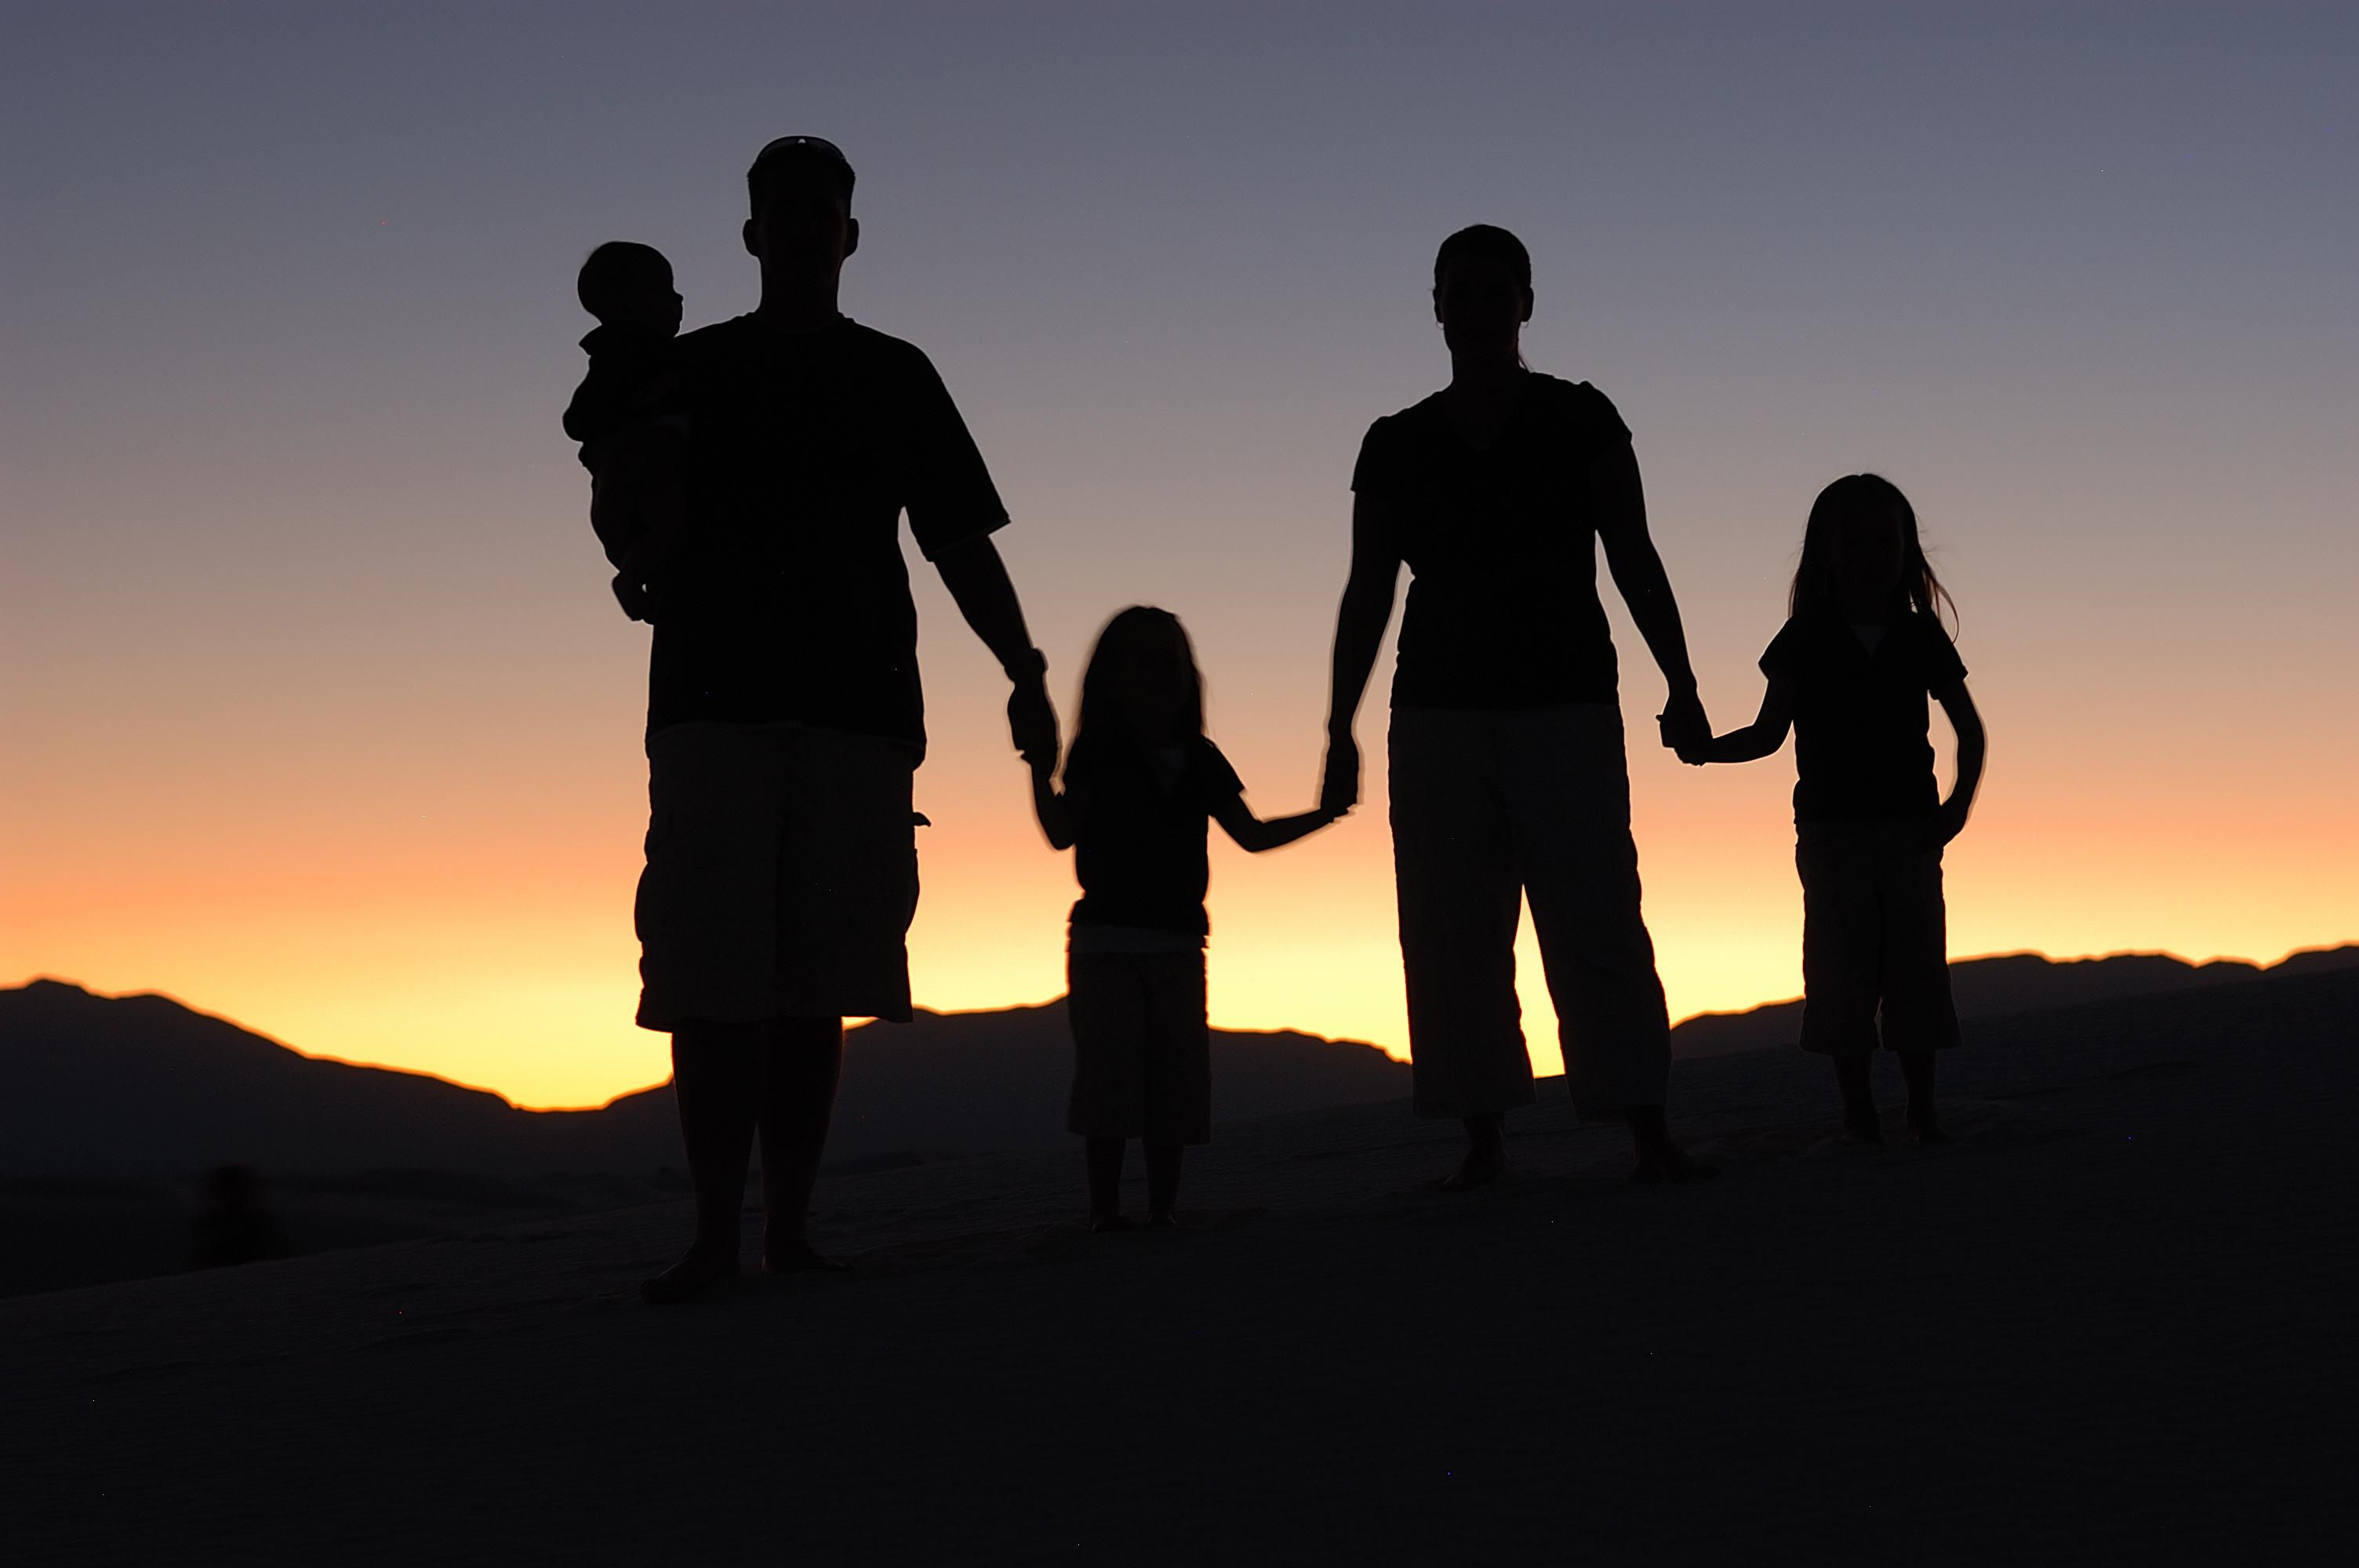 Family Silouhette